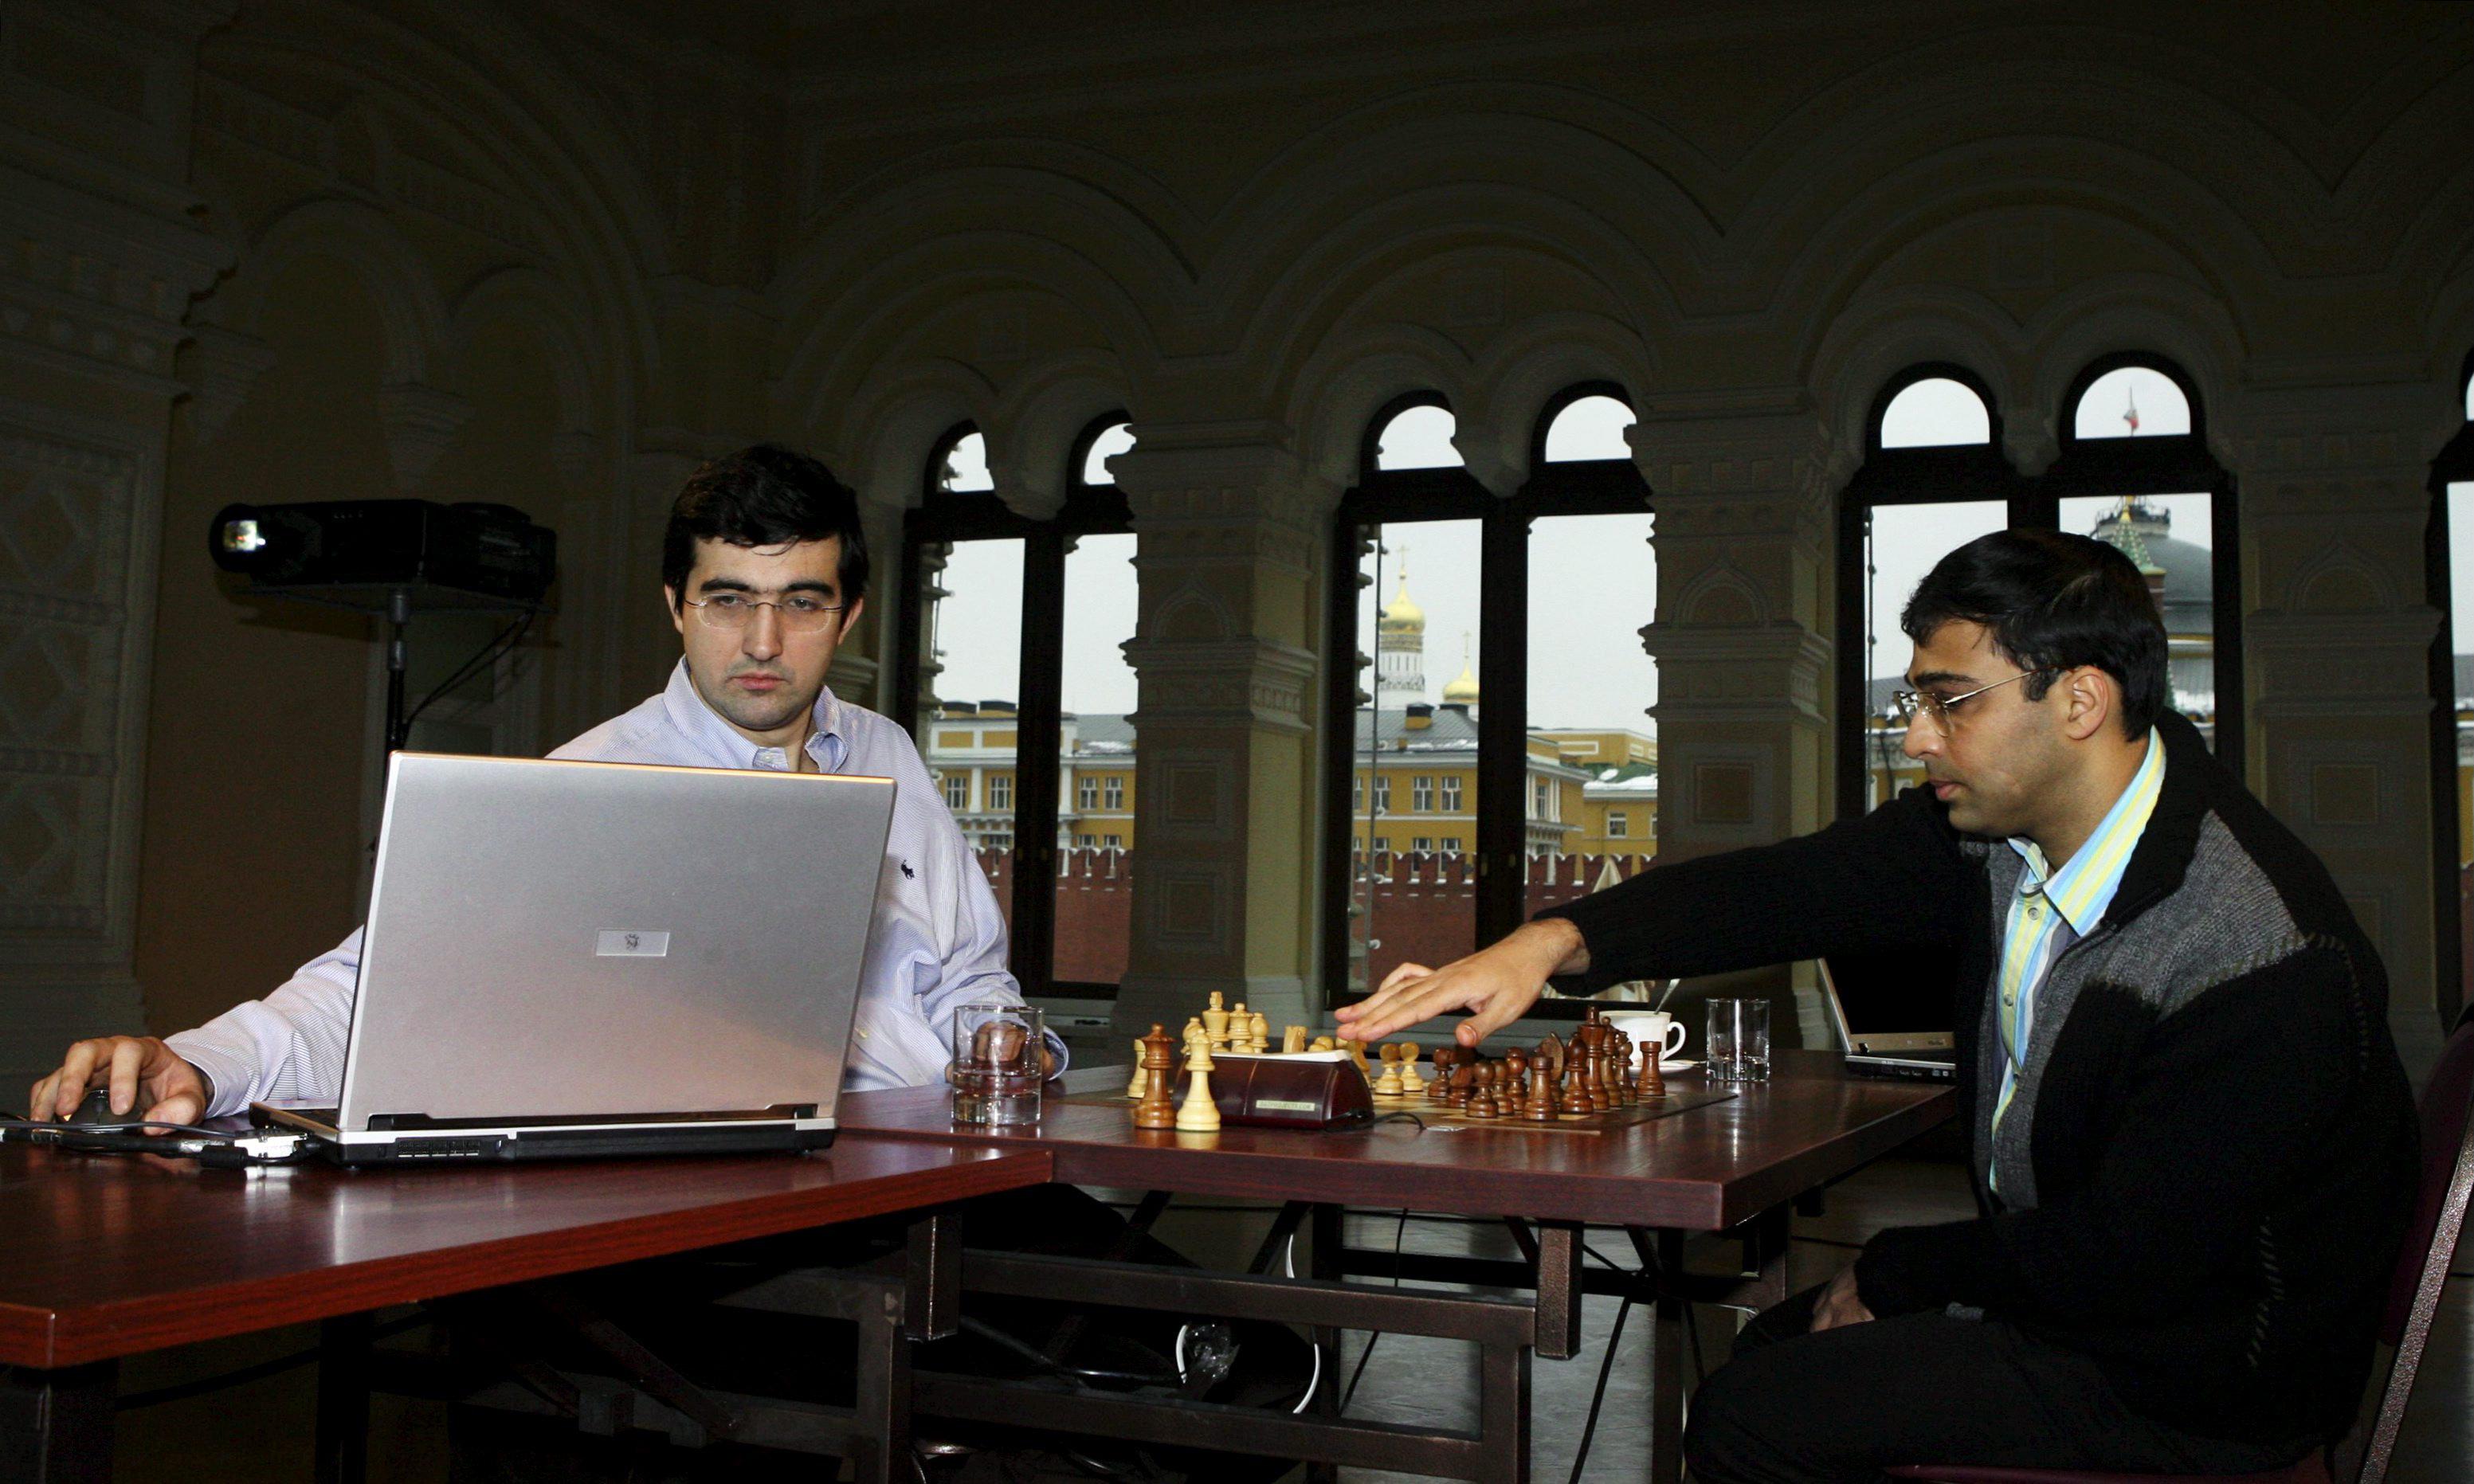 Шахматный матч между В.Анандом и В.Крамником